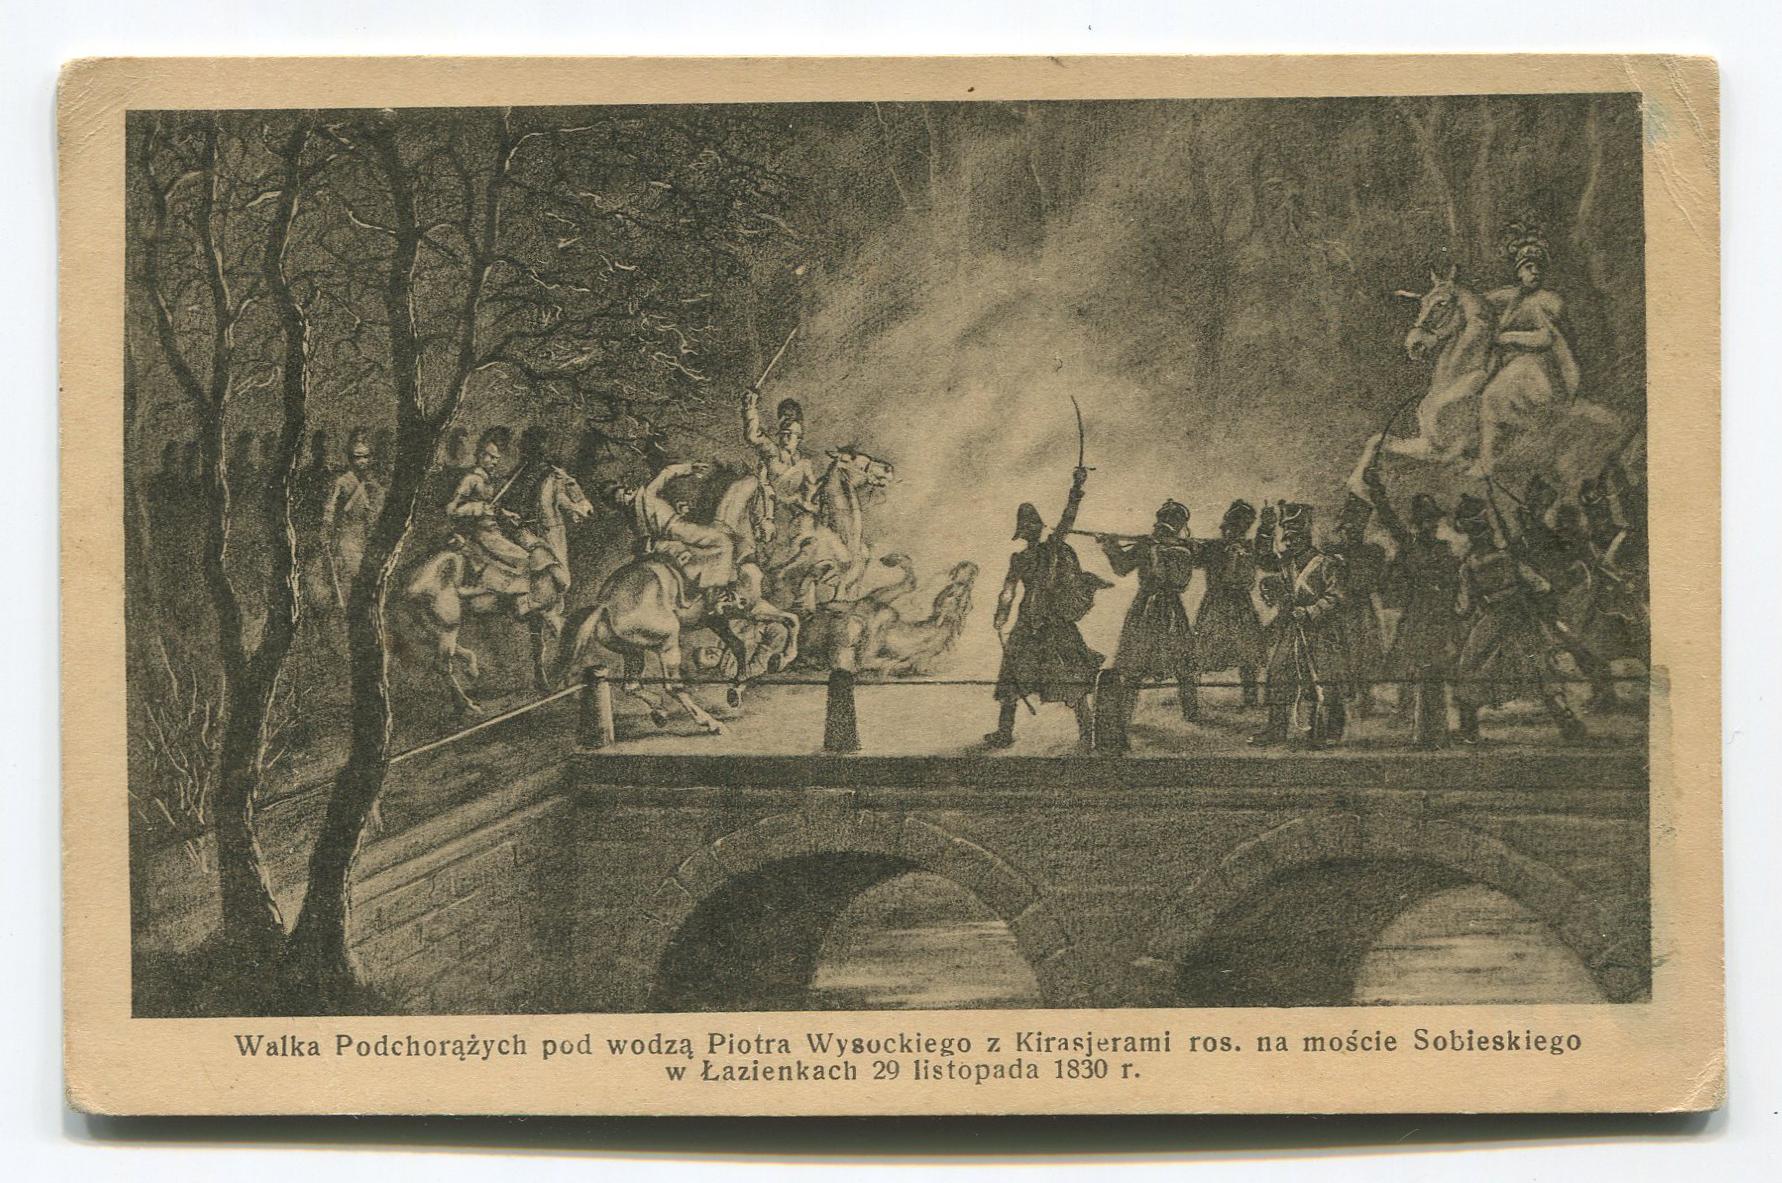 Walka Podchorążych pod wodzą Piotra Wysockiego z Kirasjerami ros. na moście Sobieskiego w Łazienkach 29 listopada 1830 r.